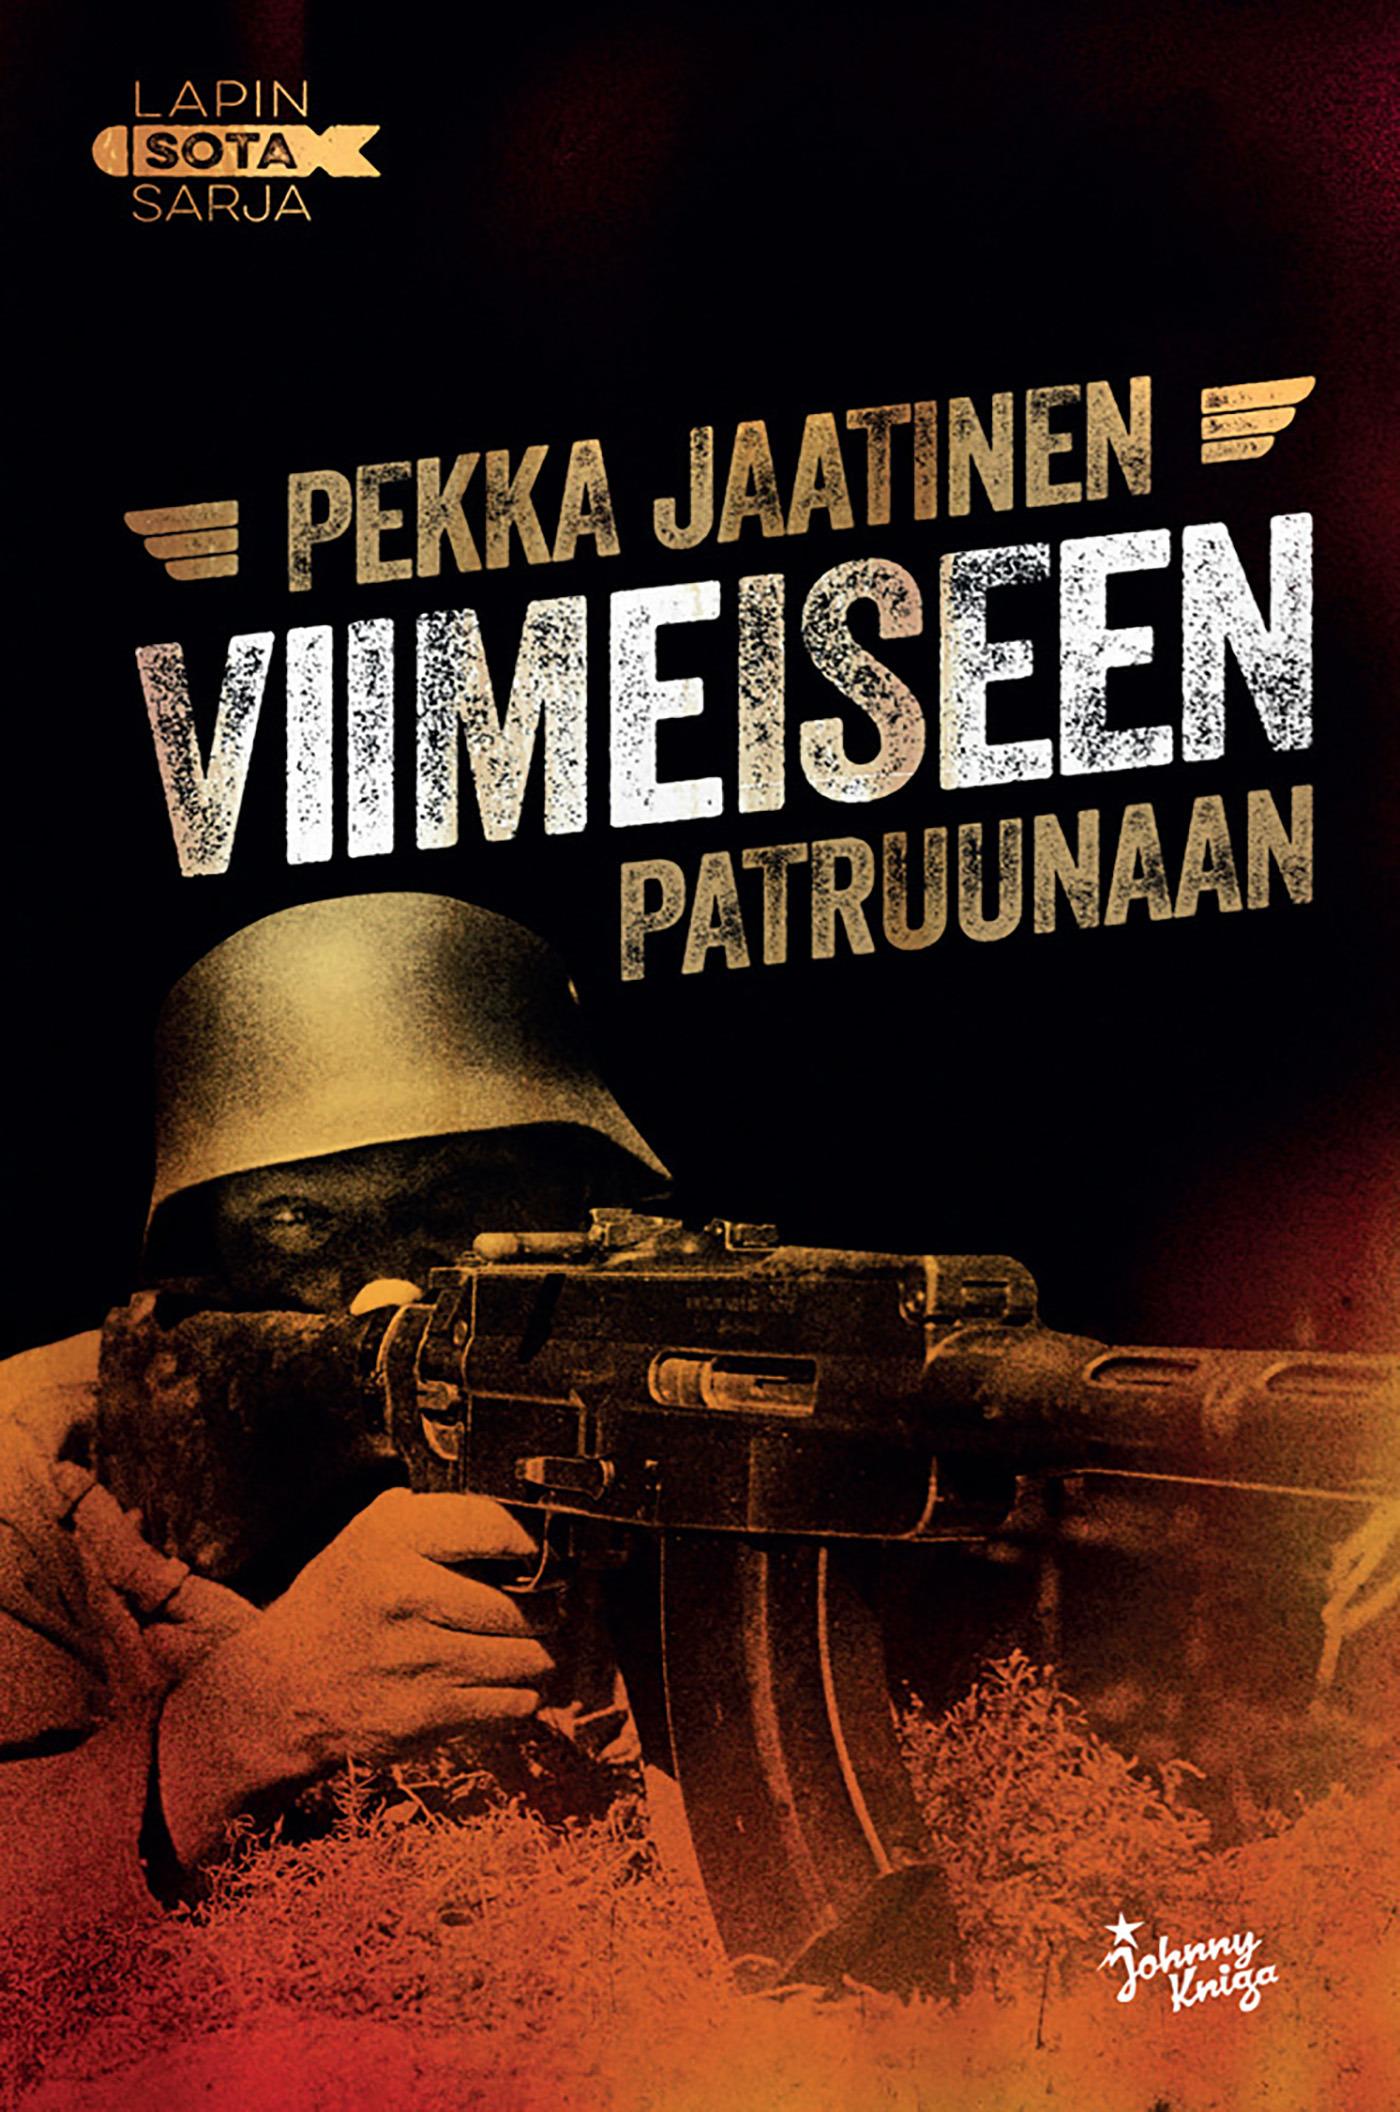 Jaatinen, Pekka - Viimeiseen patruunaan: Lapin sota 1, ebook